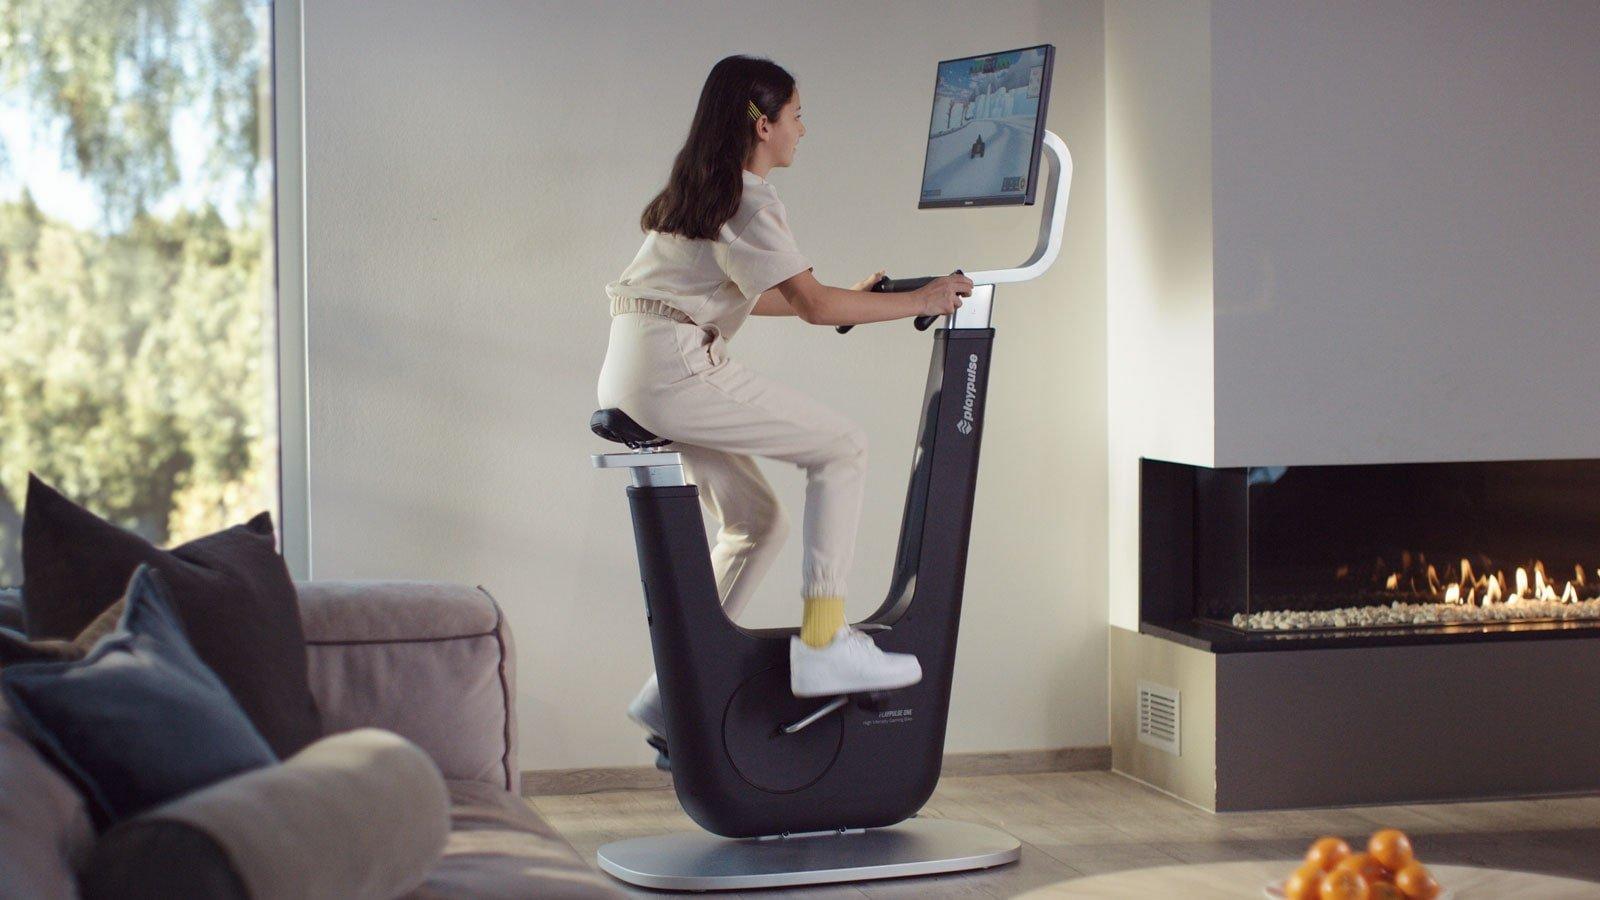 Best home workout gadgets